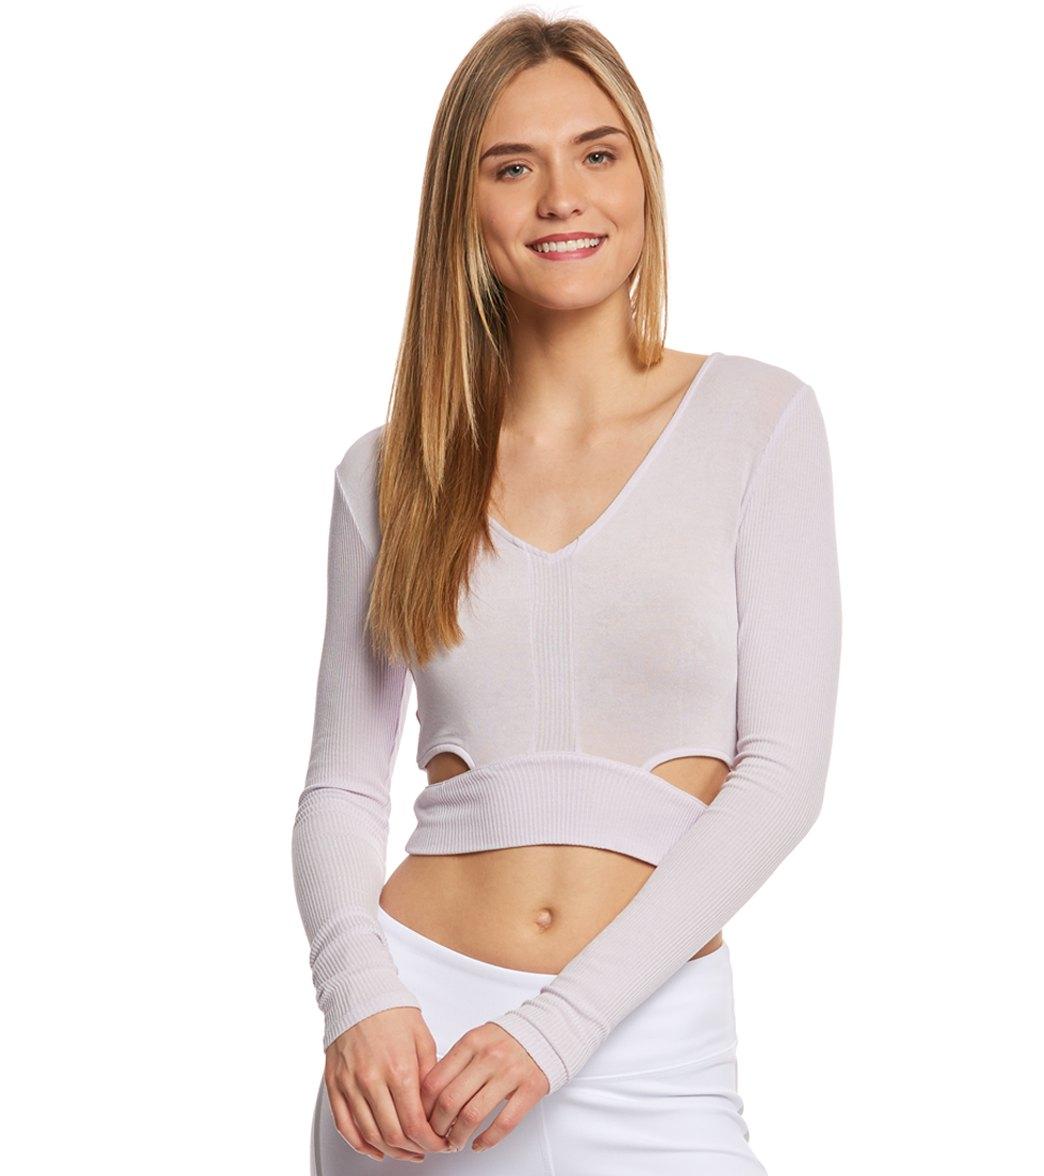 c6a9ab1a8 Alo Yoga Aura Long Sleeve Crop Top